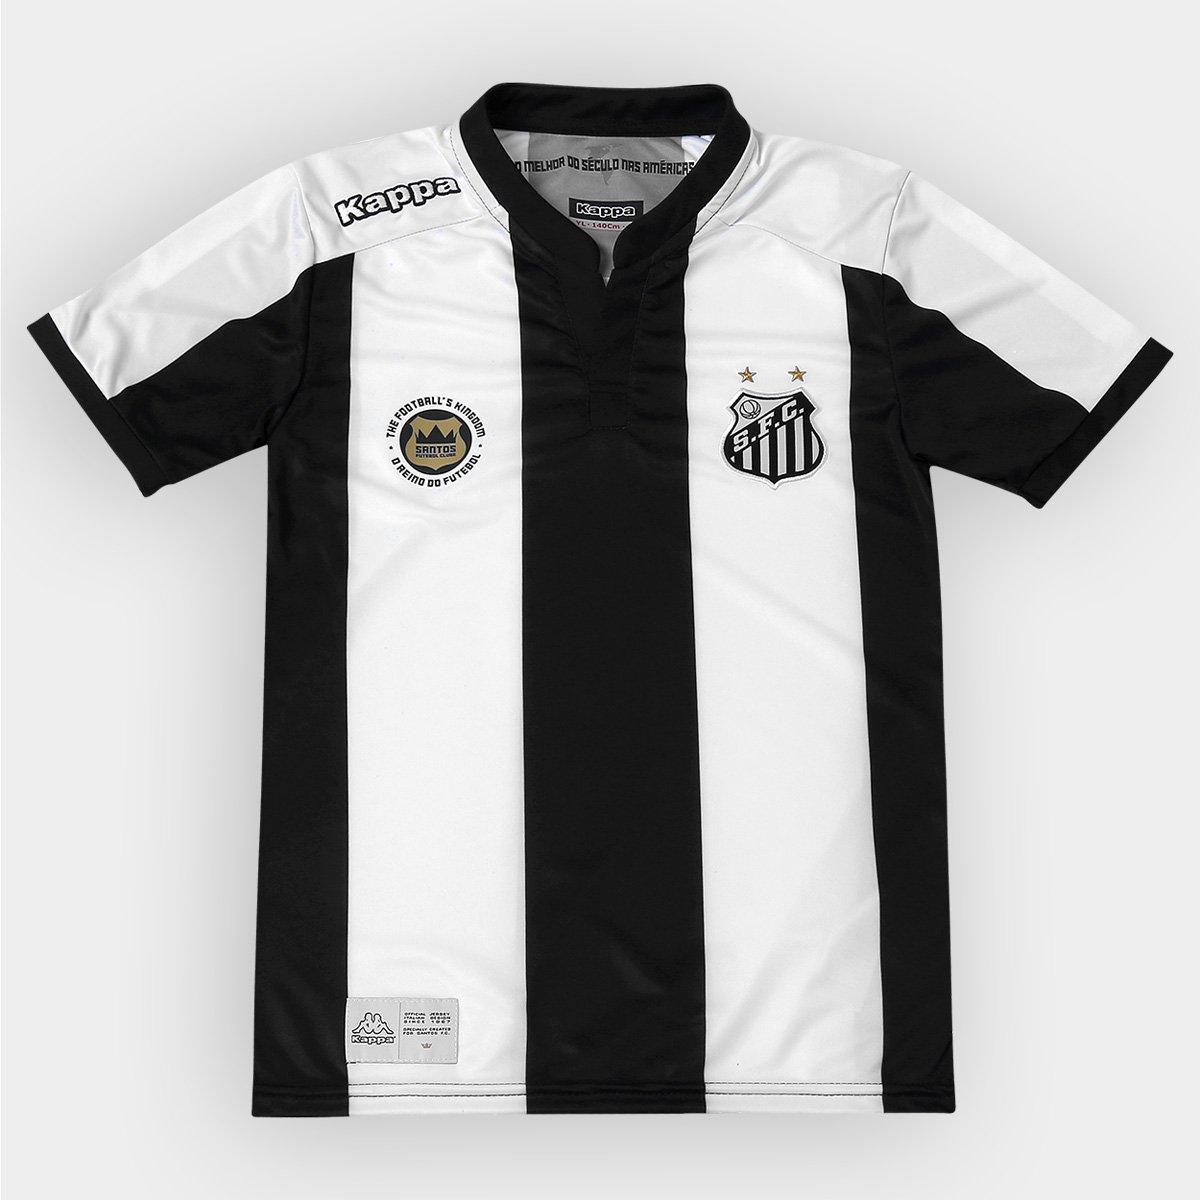 Camisa Santos Infantil II 2016 s nº - Torcedor Kappa - Compre Agora ... 358fe78a11e40